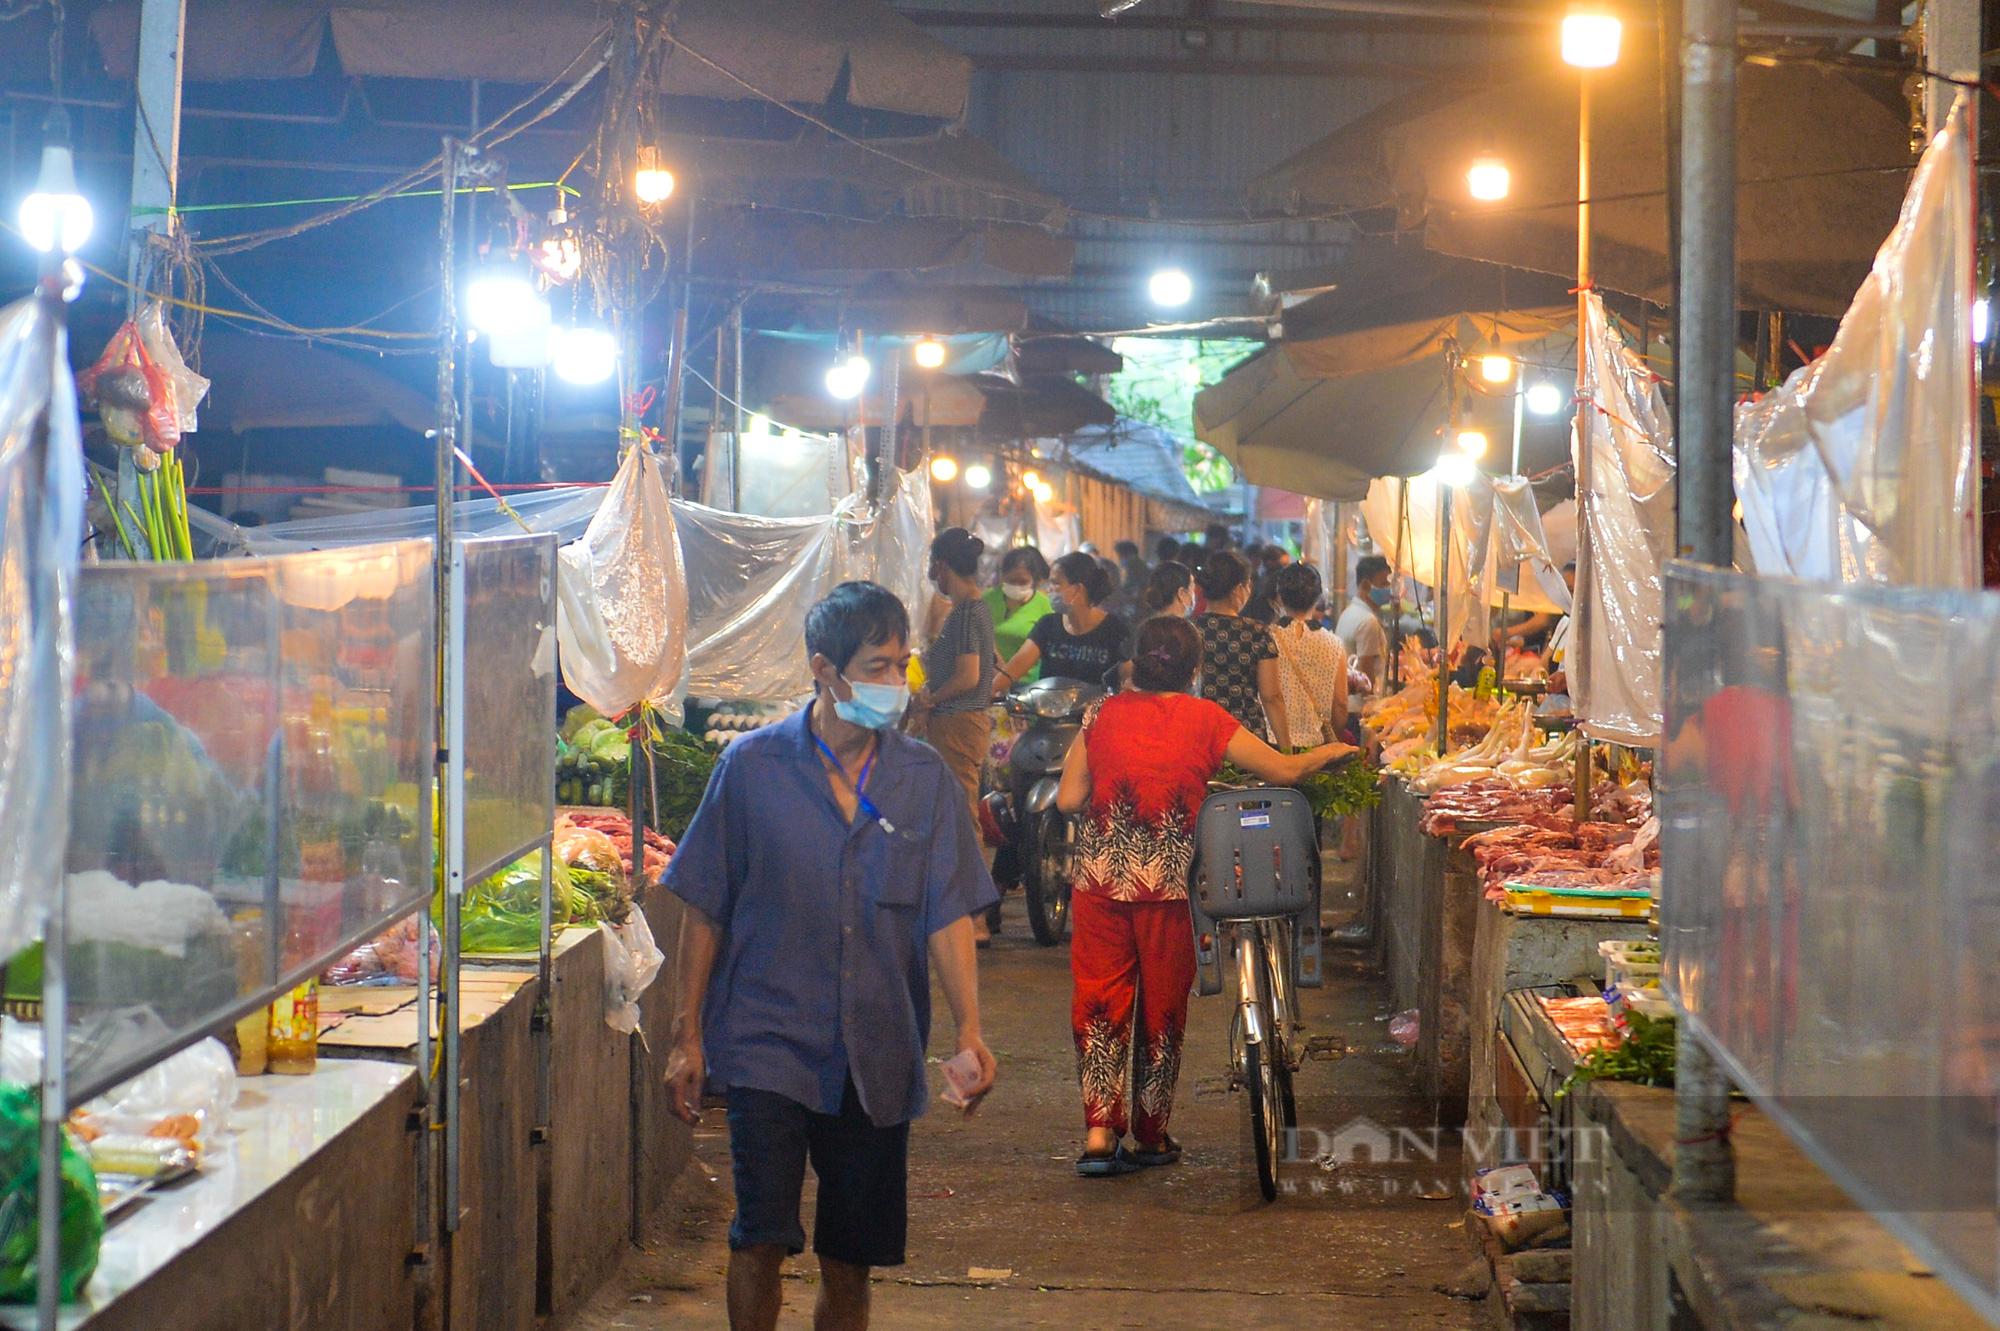 Chợ dân sinh ở Hà Nội đông đúc ngày đầu nới lỏng giãn cách - Ảnh 6.